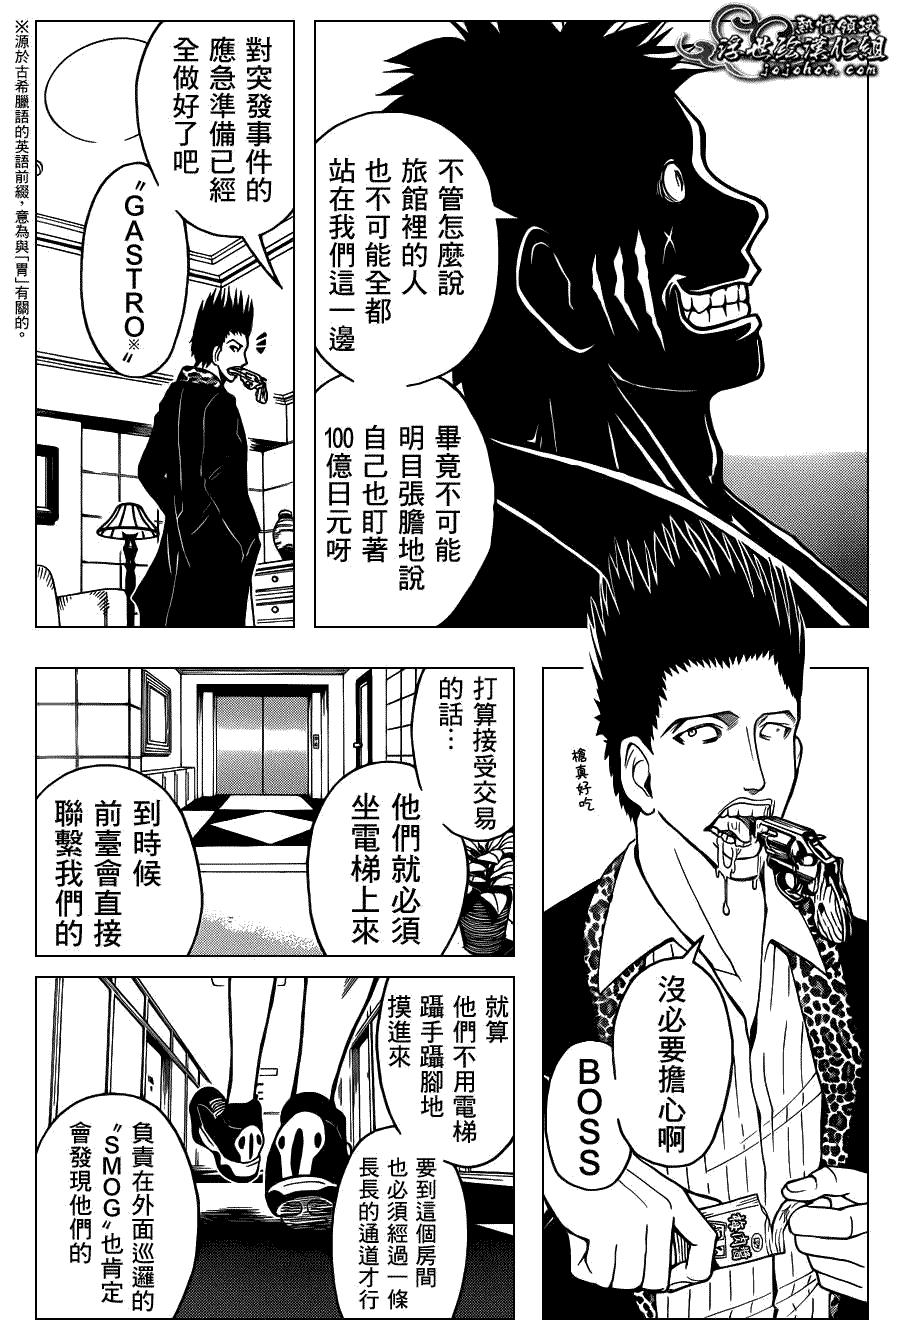 暗殺教室: 63話 - 第6页